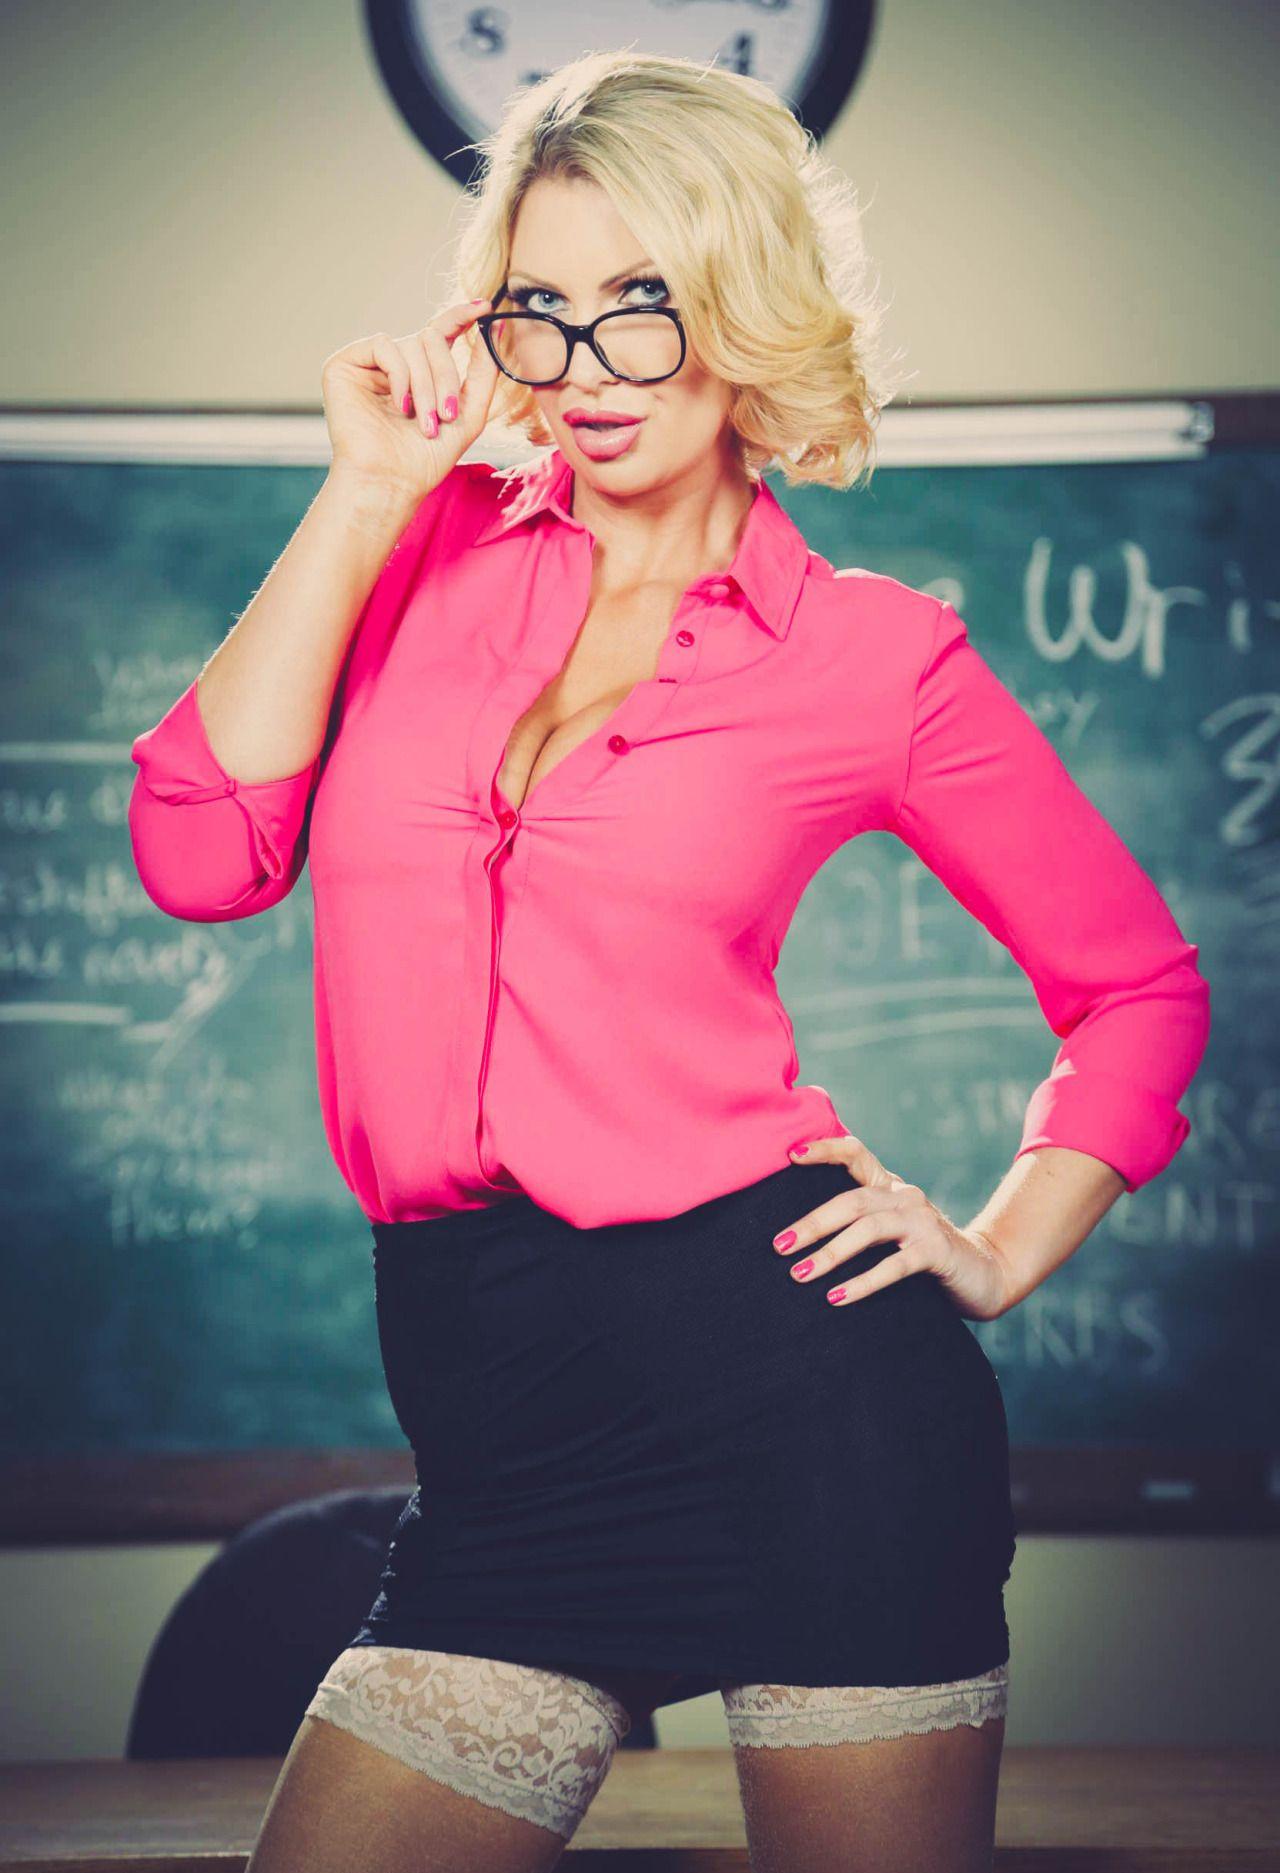 leigh darby teacher